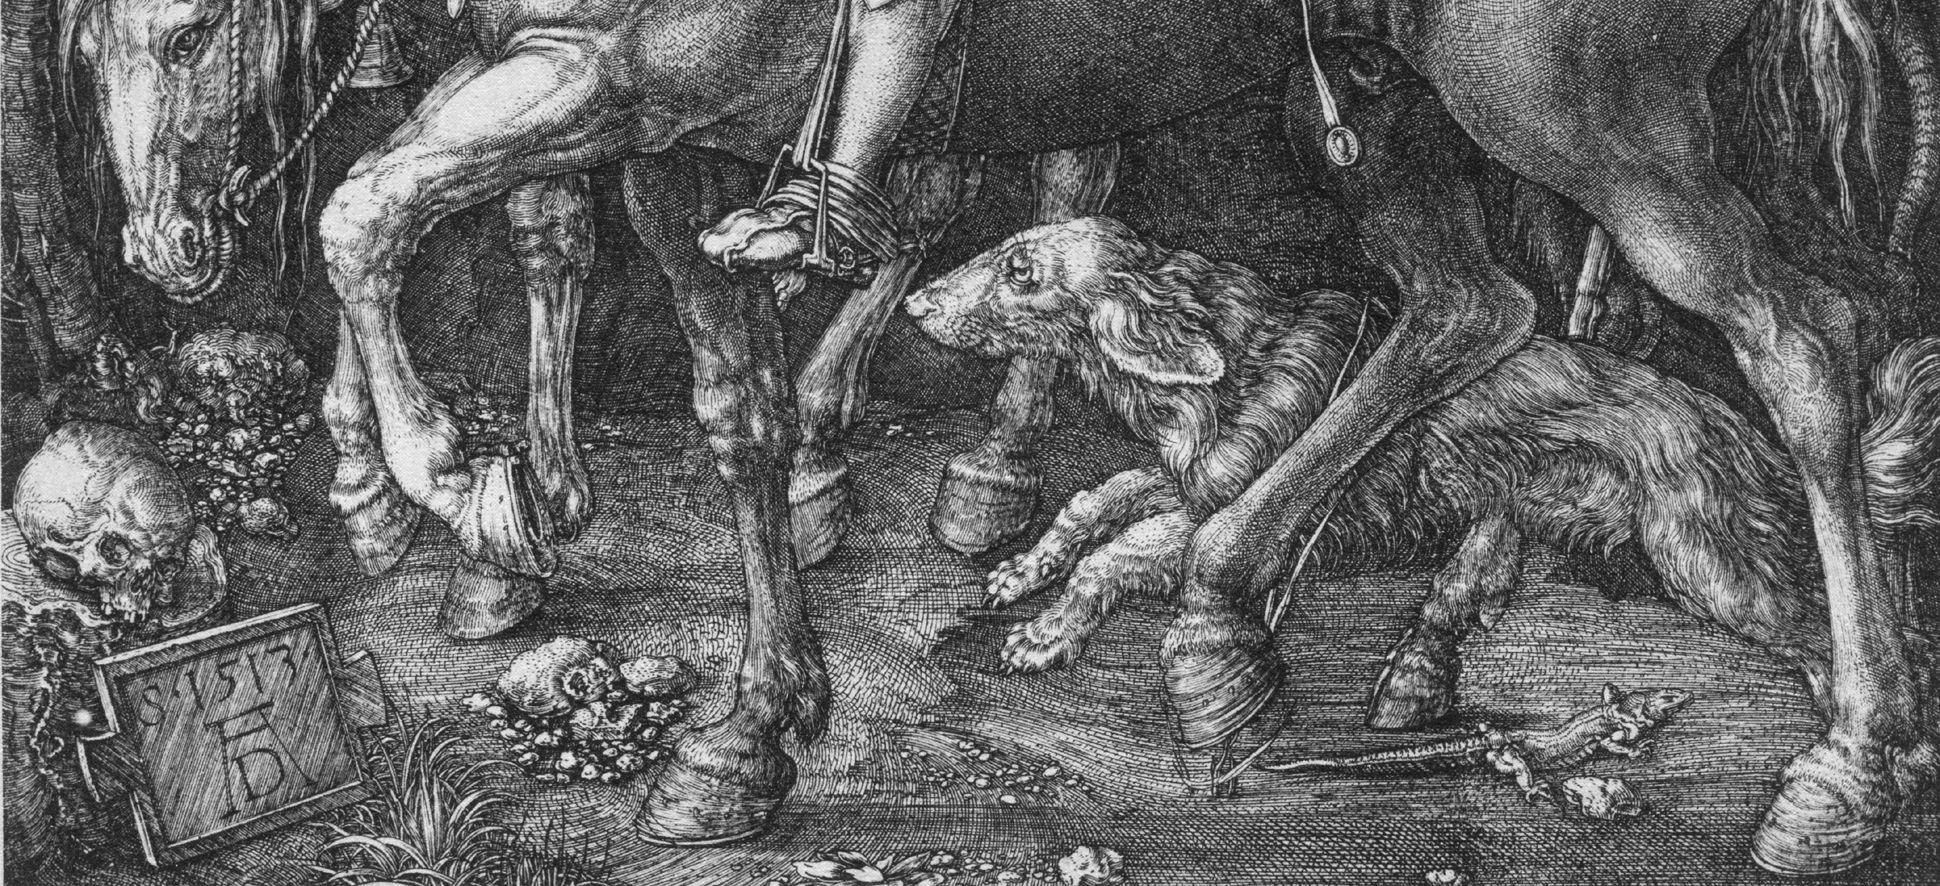 Ritter, Tod und Teufel unteres Bilddrittel mit Signatur